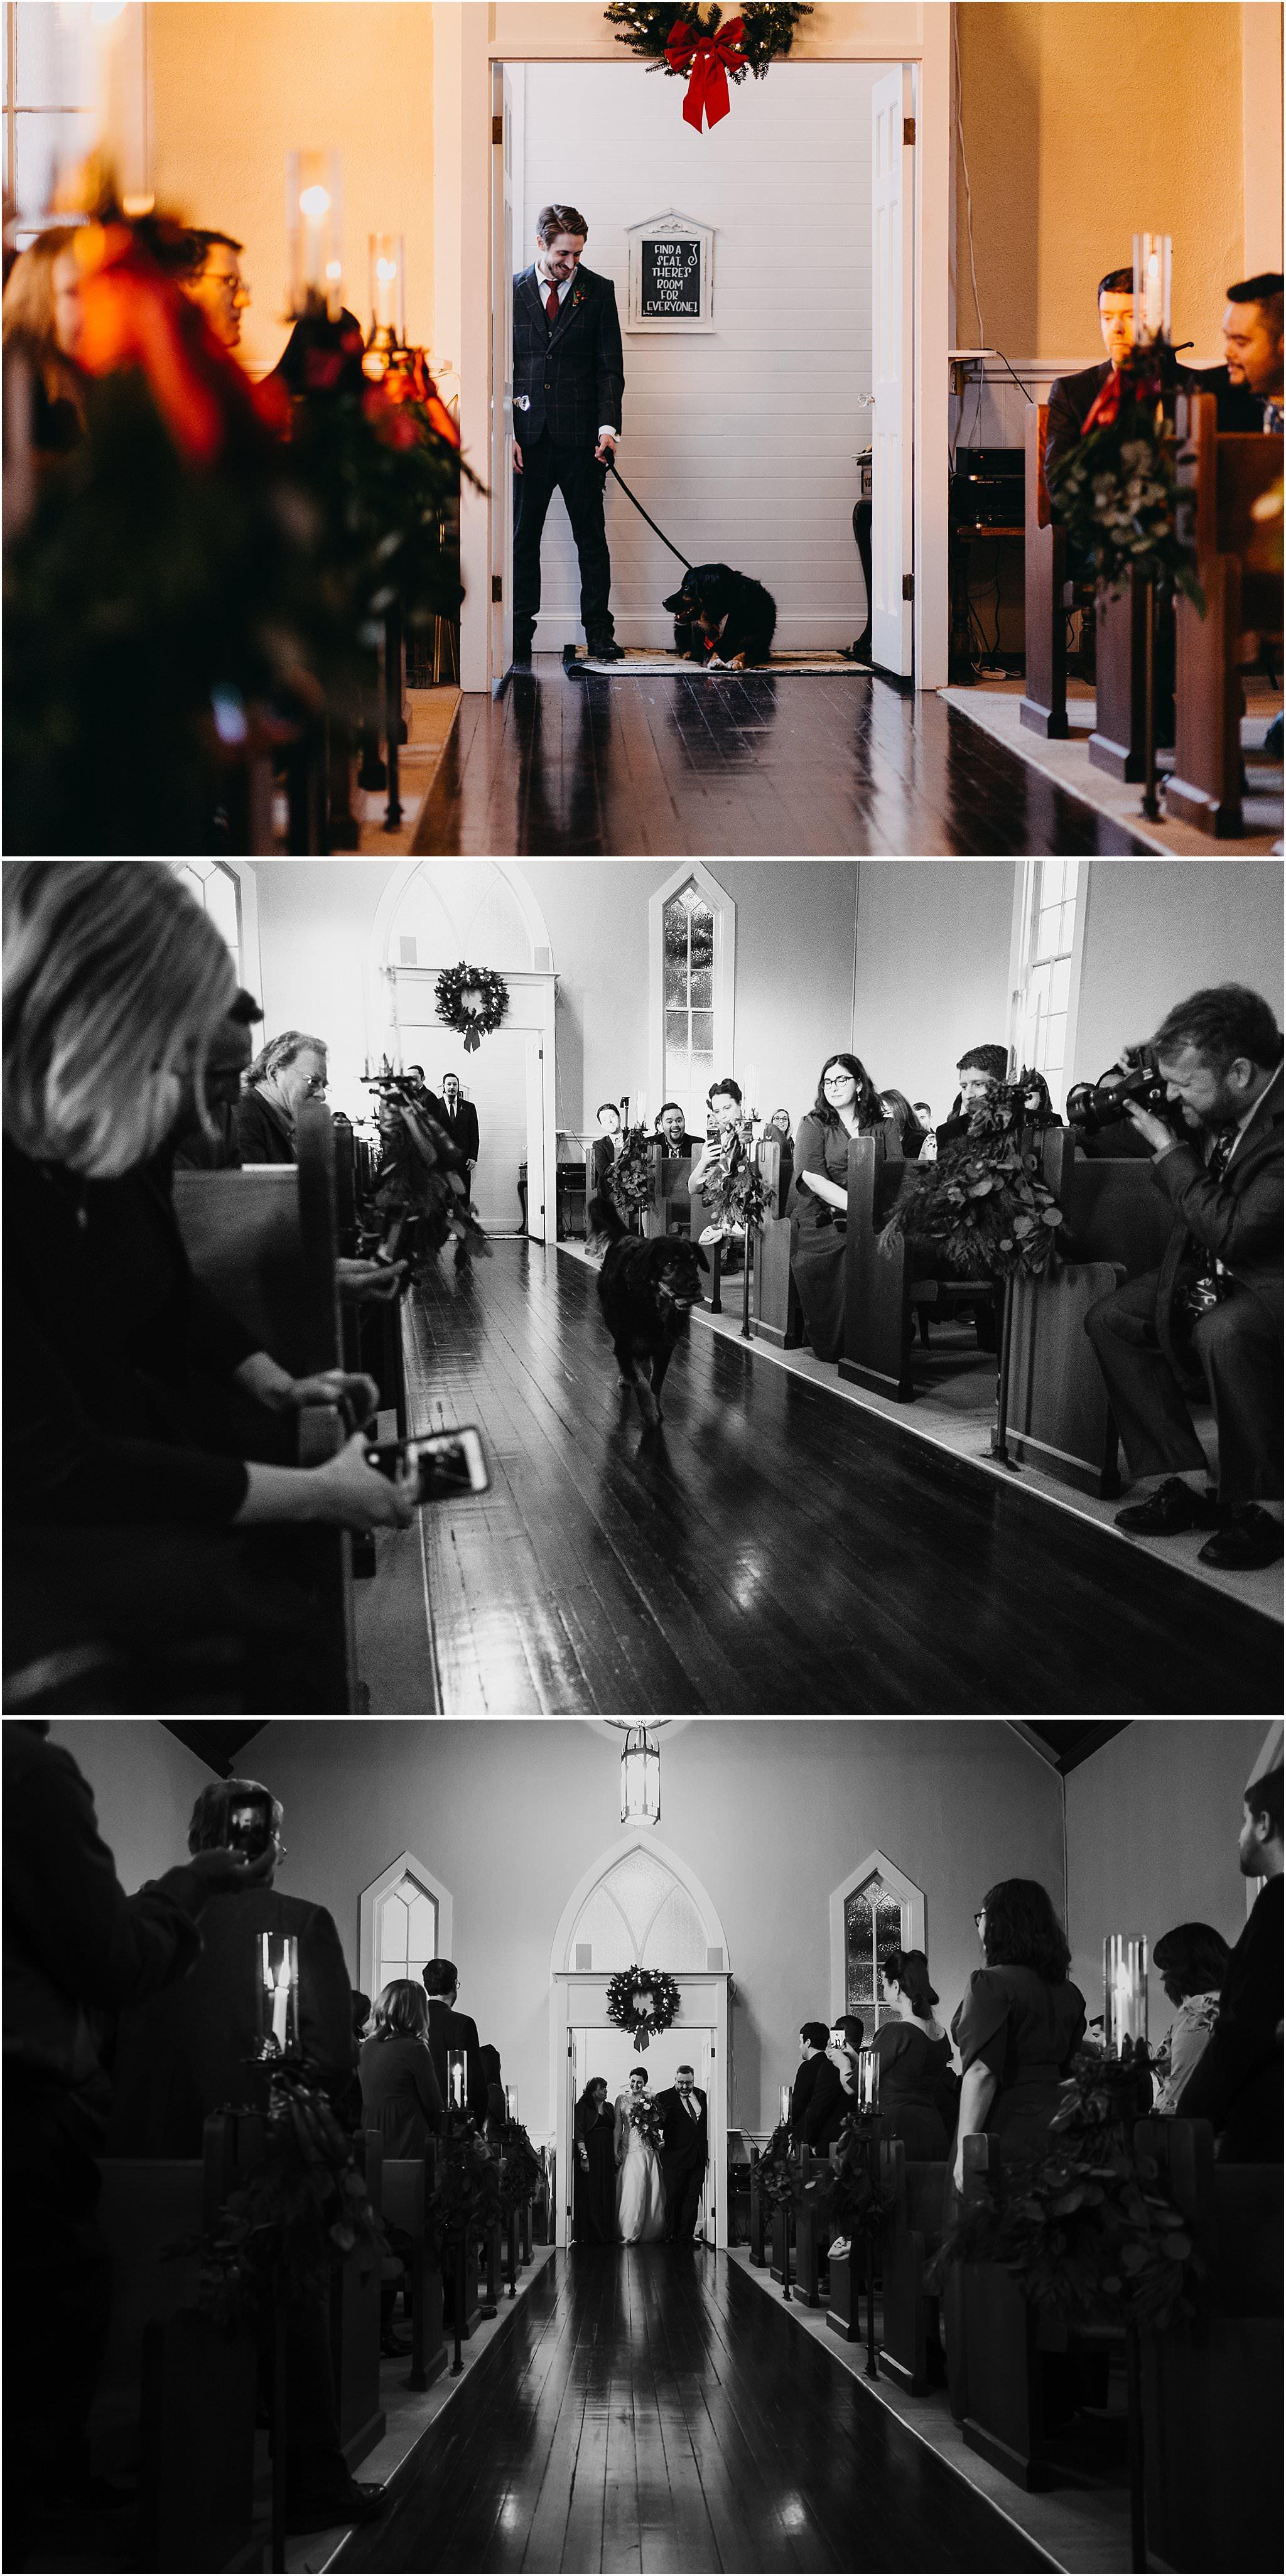 sarah-and-daves-downtown-snohomish-wedding-17.jpg